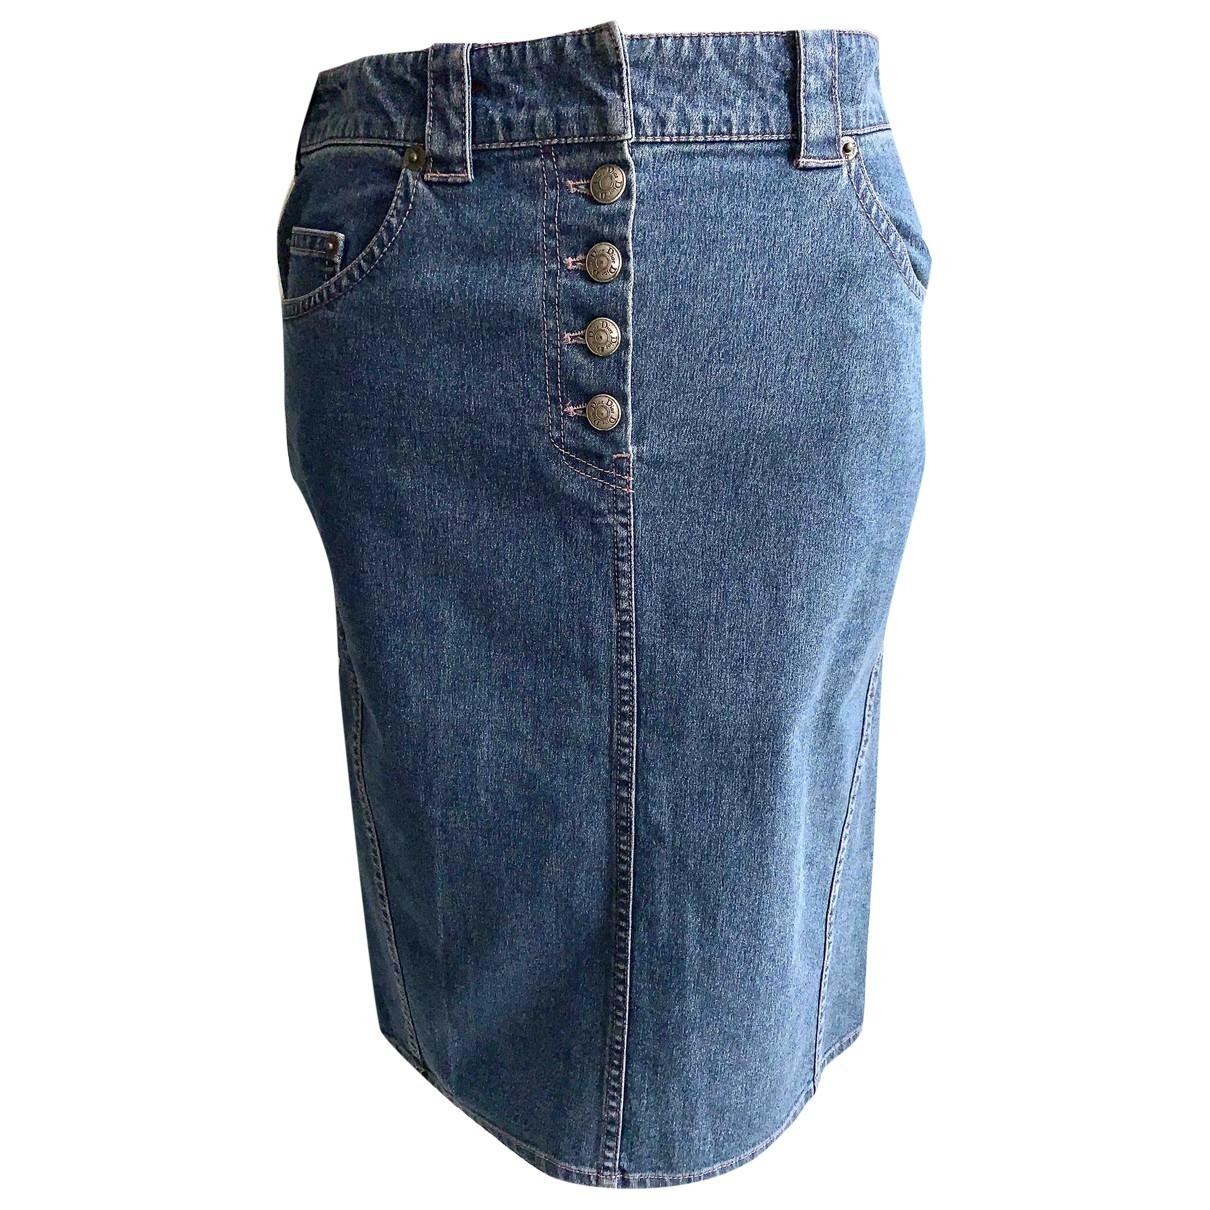 Dior \N Blue Denim - Jeans skirt for Women 36 FR